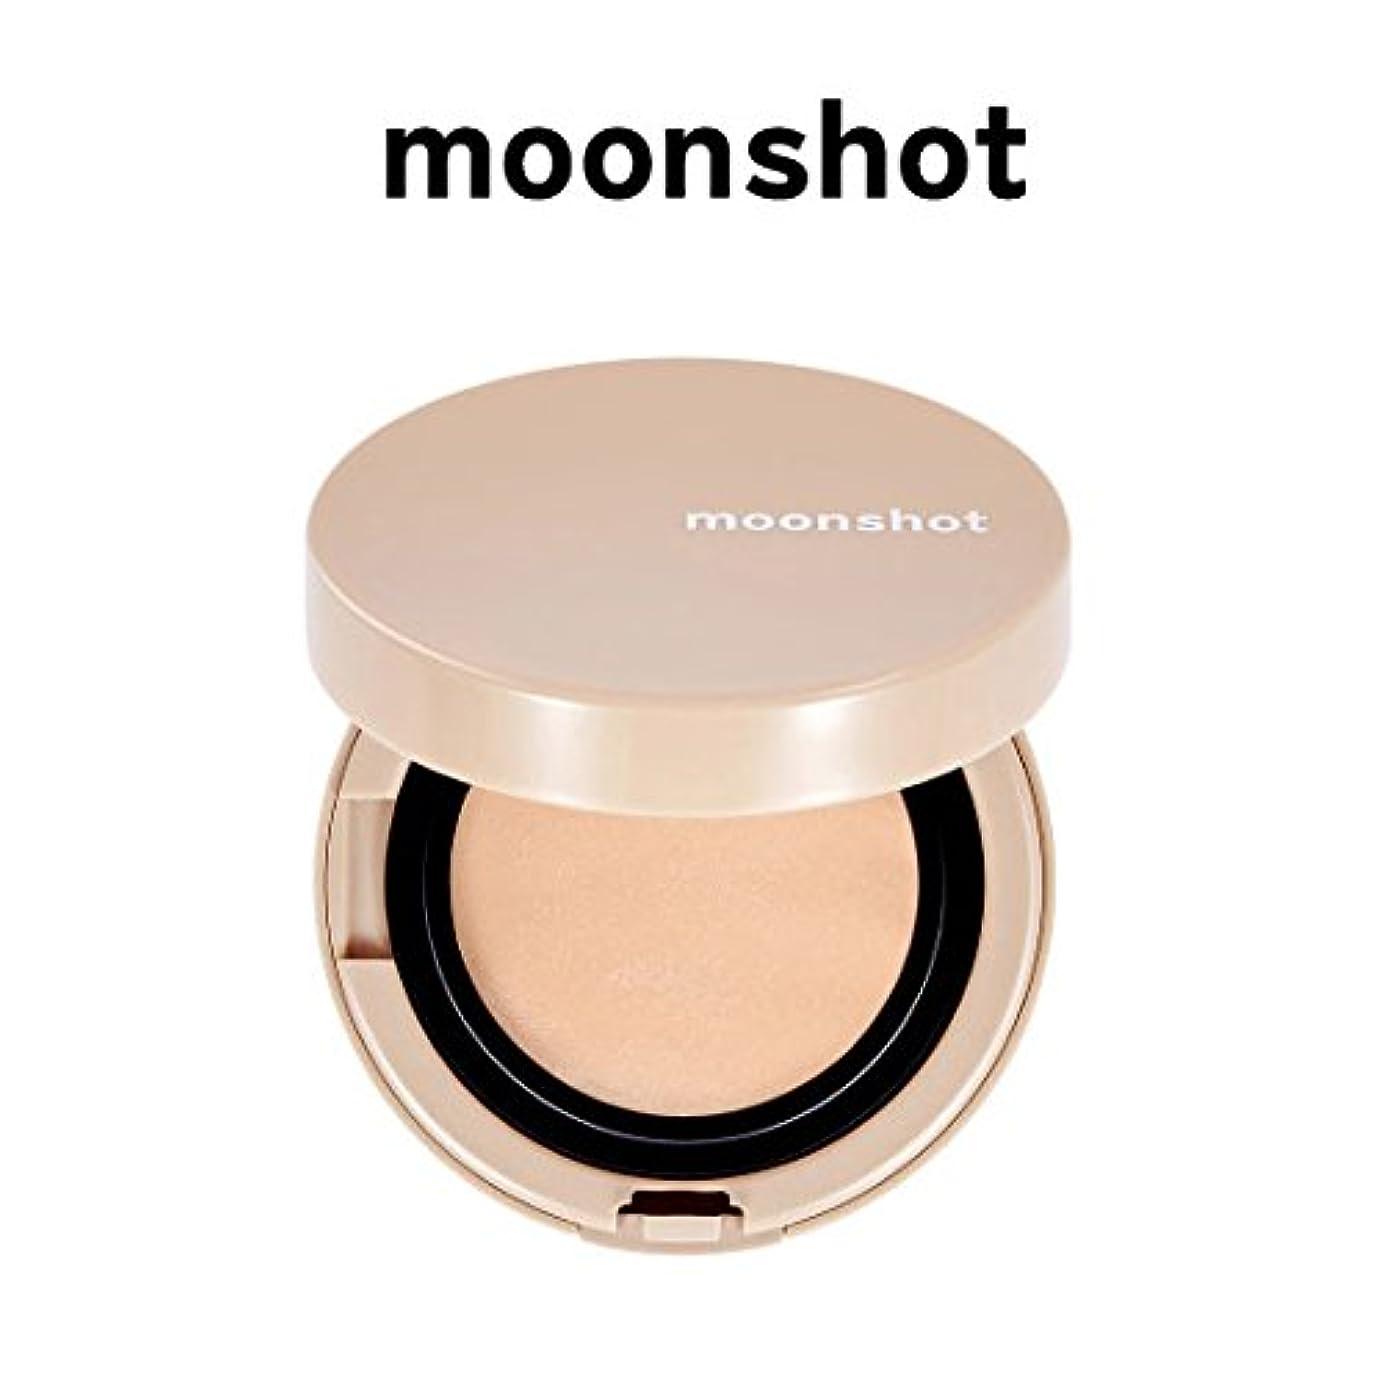 満州酸素バング[MOONSHOT] BLACKPINK クッション SPF 50+PA+++ / Face Perfection Balm Cushion 12g / ムーンショット正品?海外直送品 (#201)